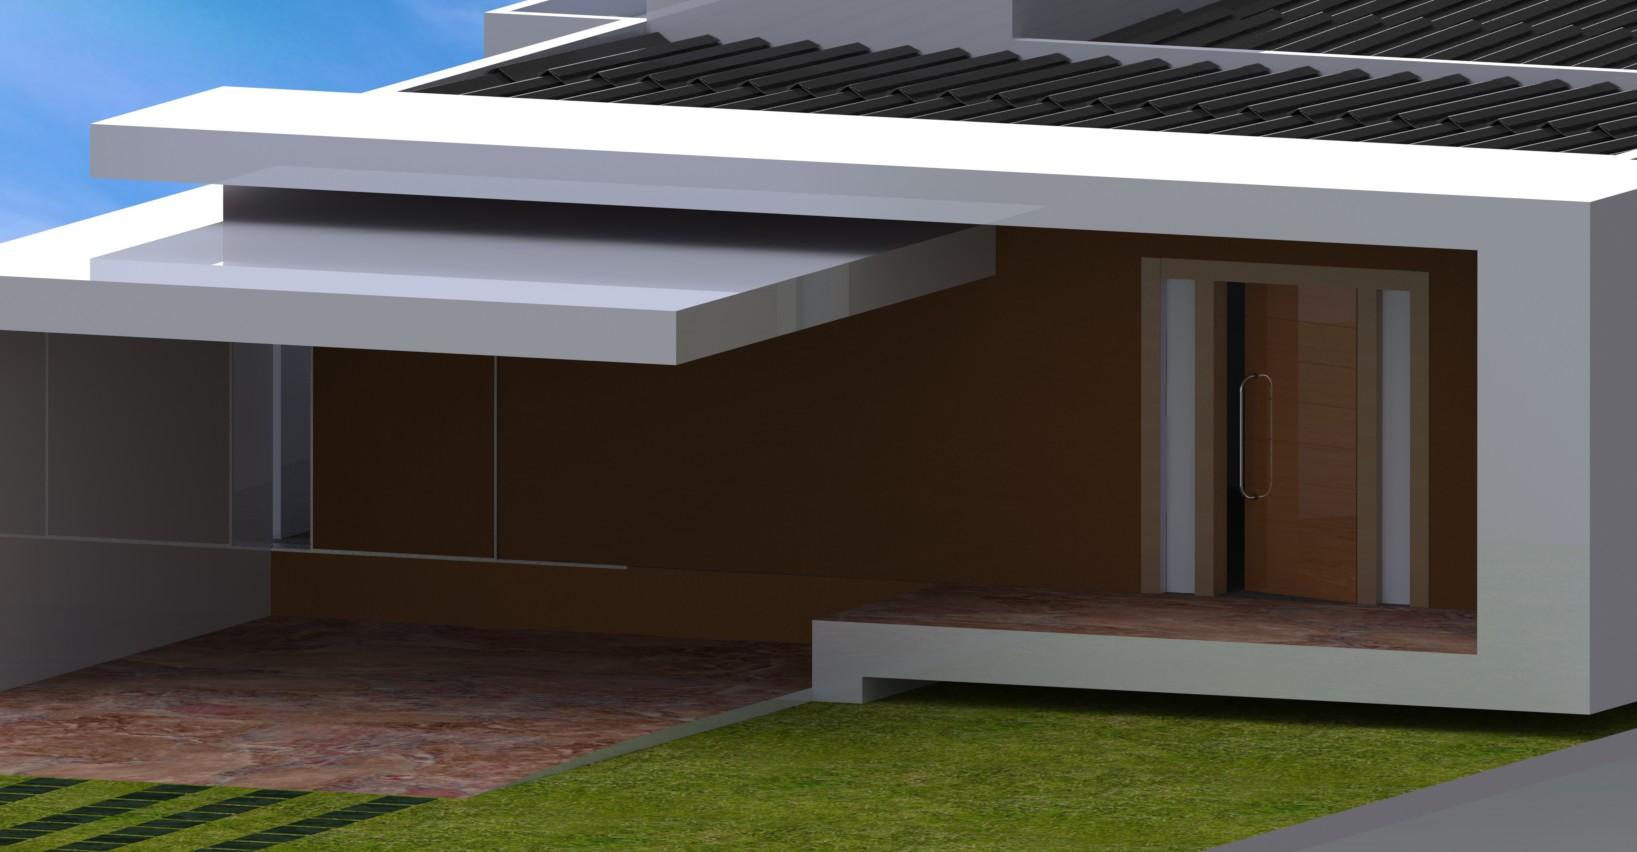 mesa jardim cad blocos:Blocos FP 3D: Casa – Blocos Fabrica do Projeto